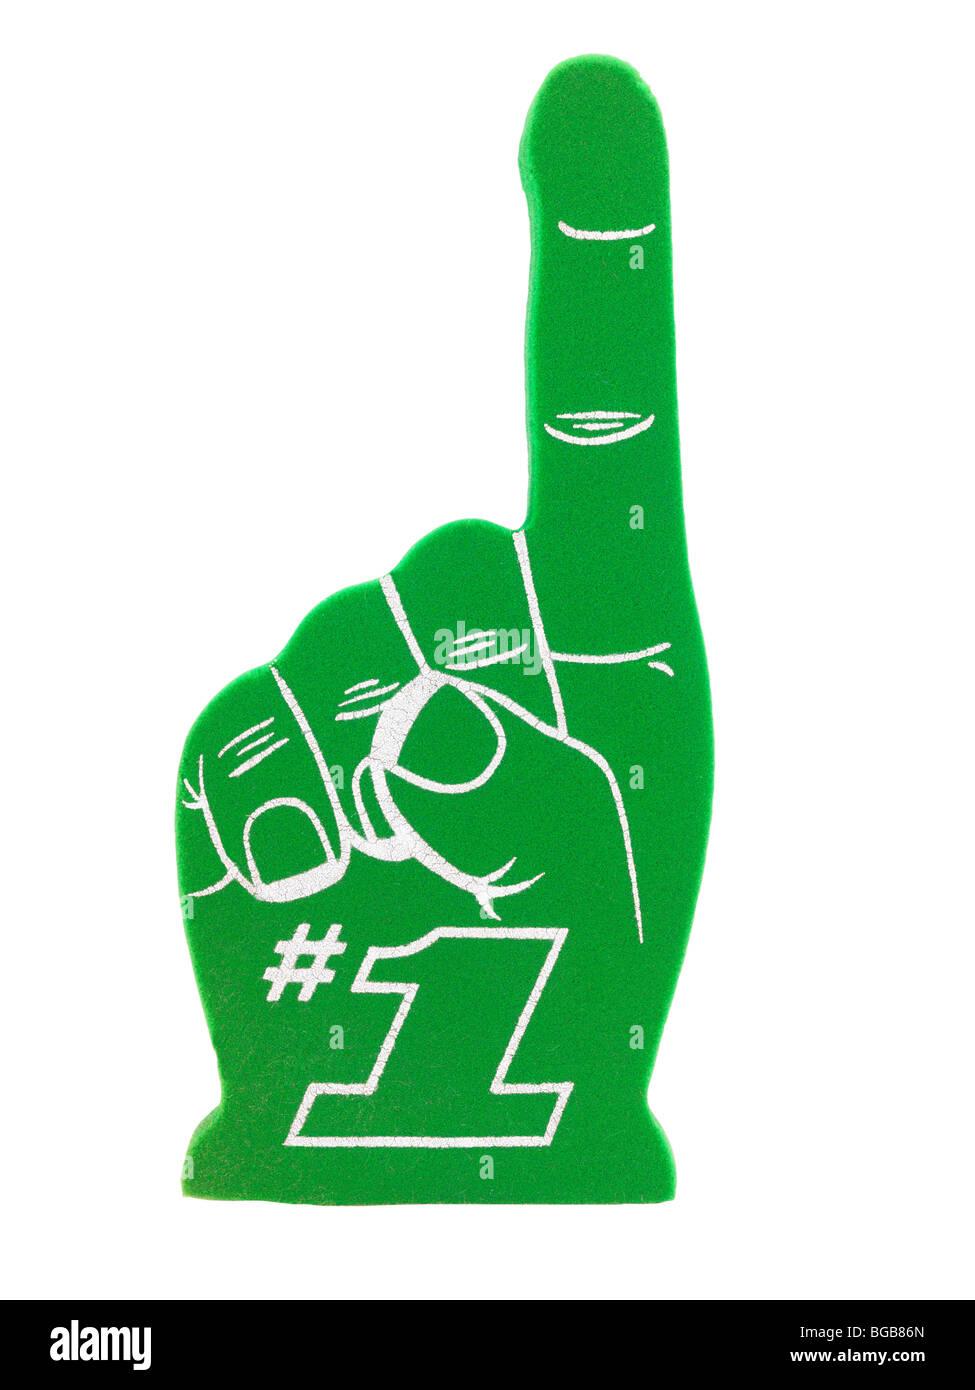 Foam Finger #1 - Stock Image